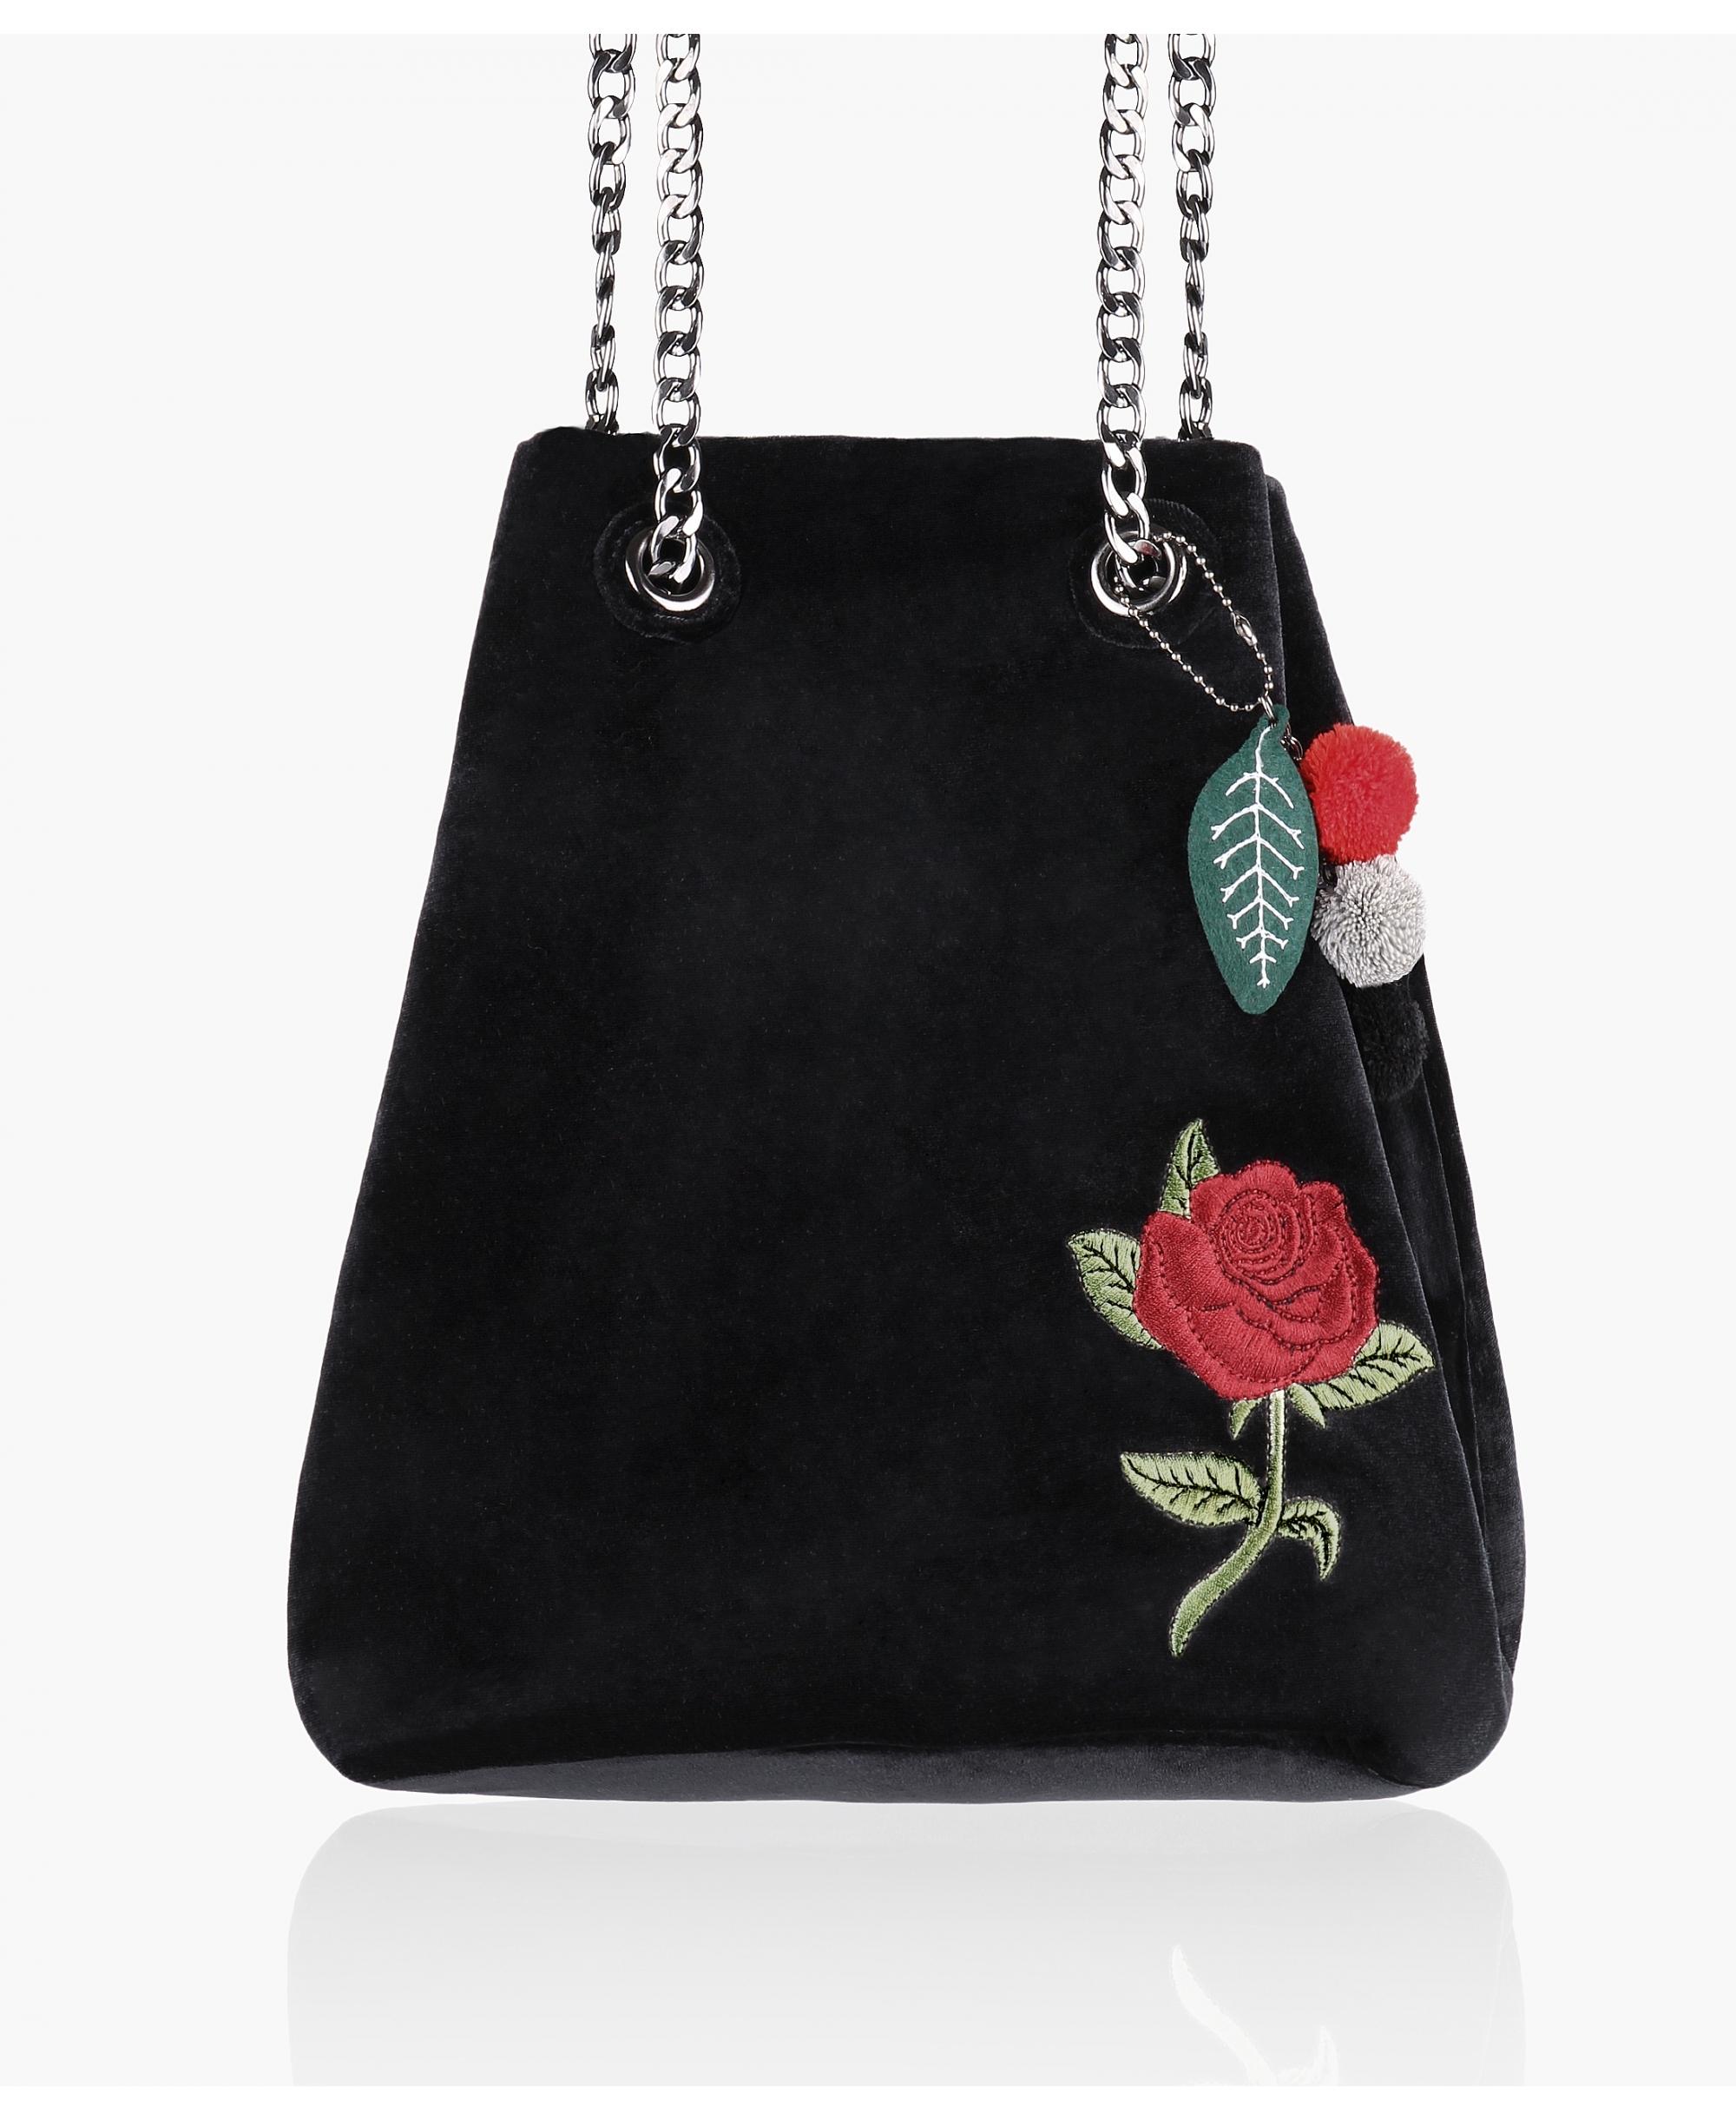 KRISP Embroidered Velvet Bucket Bag